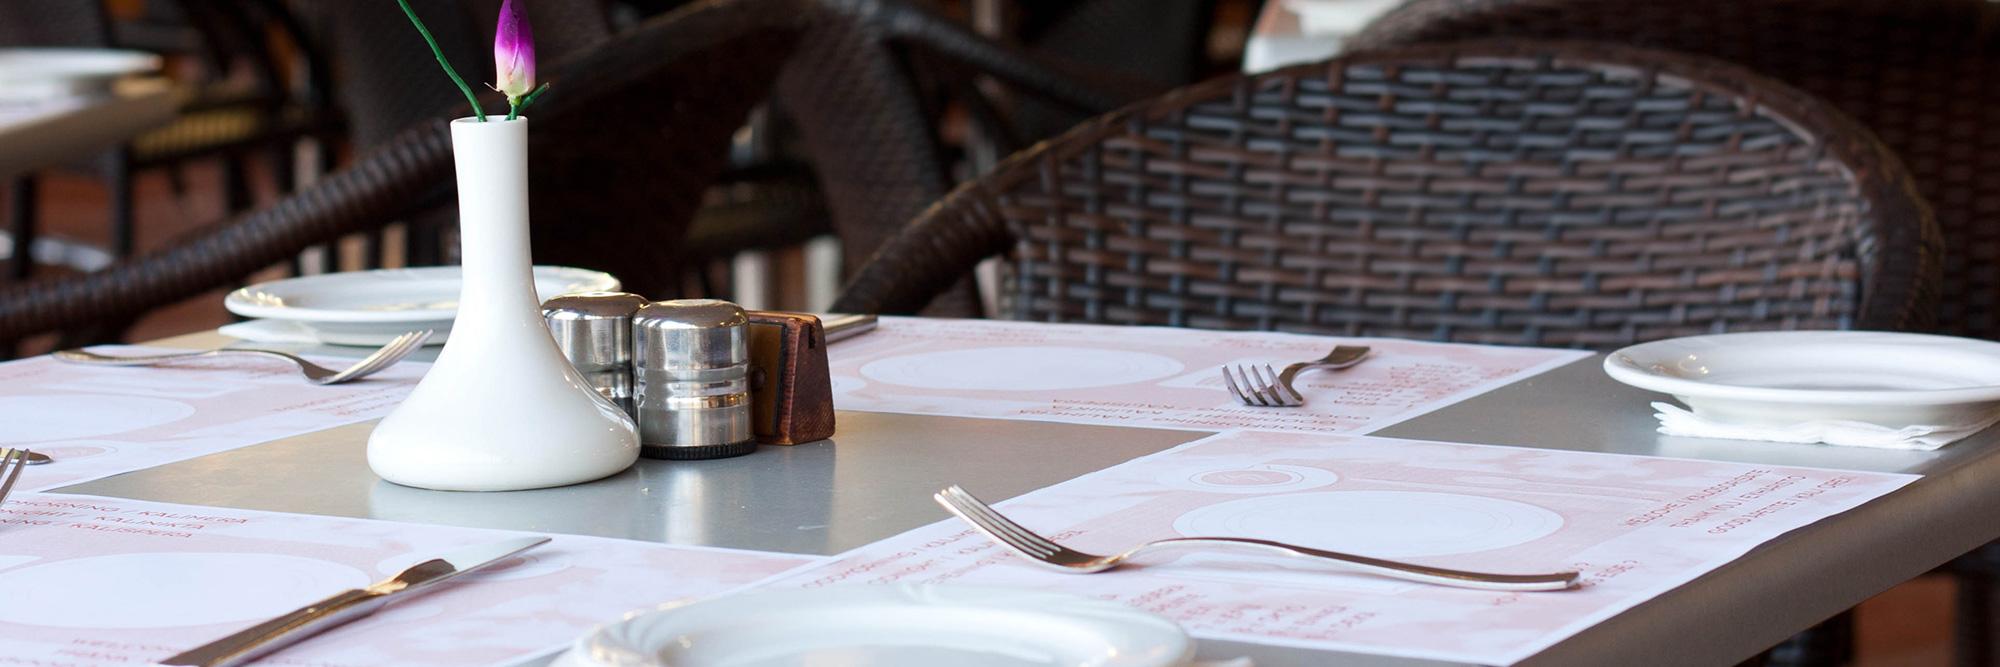 Dîner au restaurant Cornelius